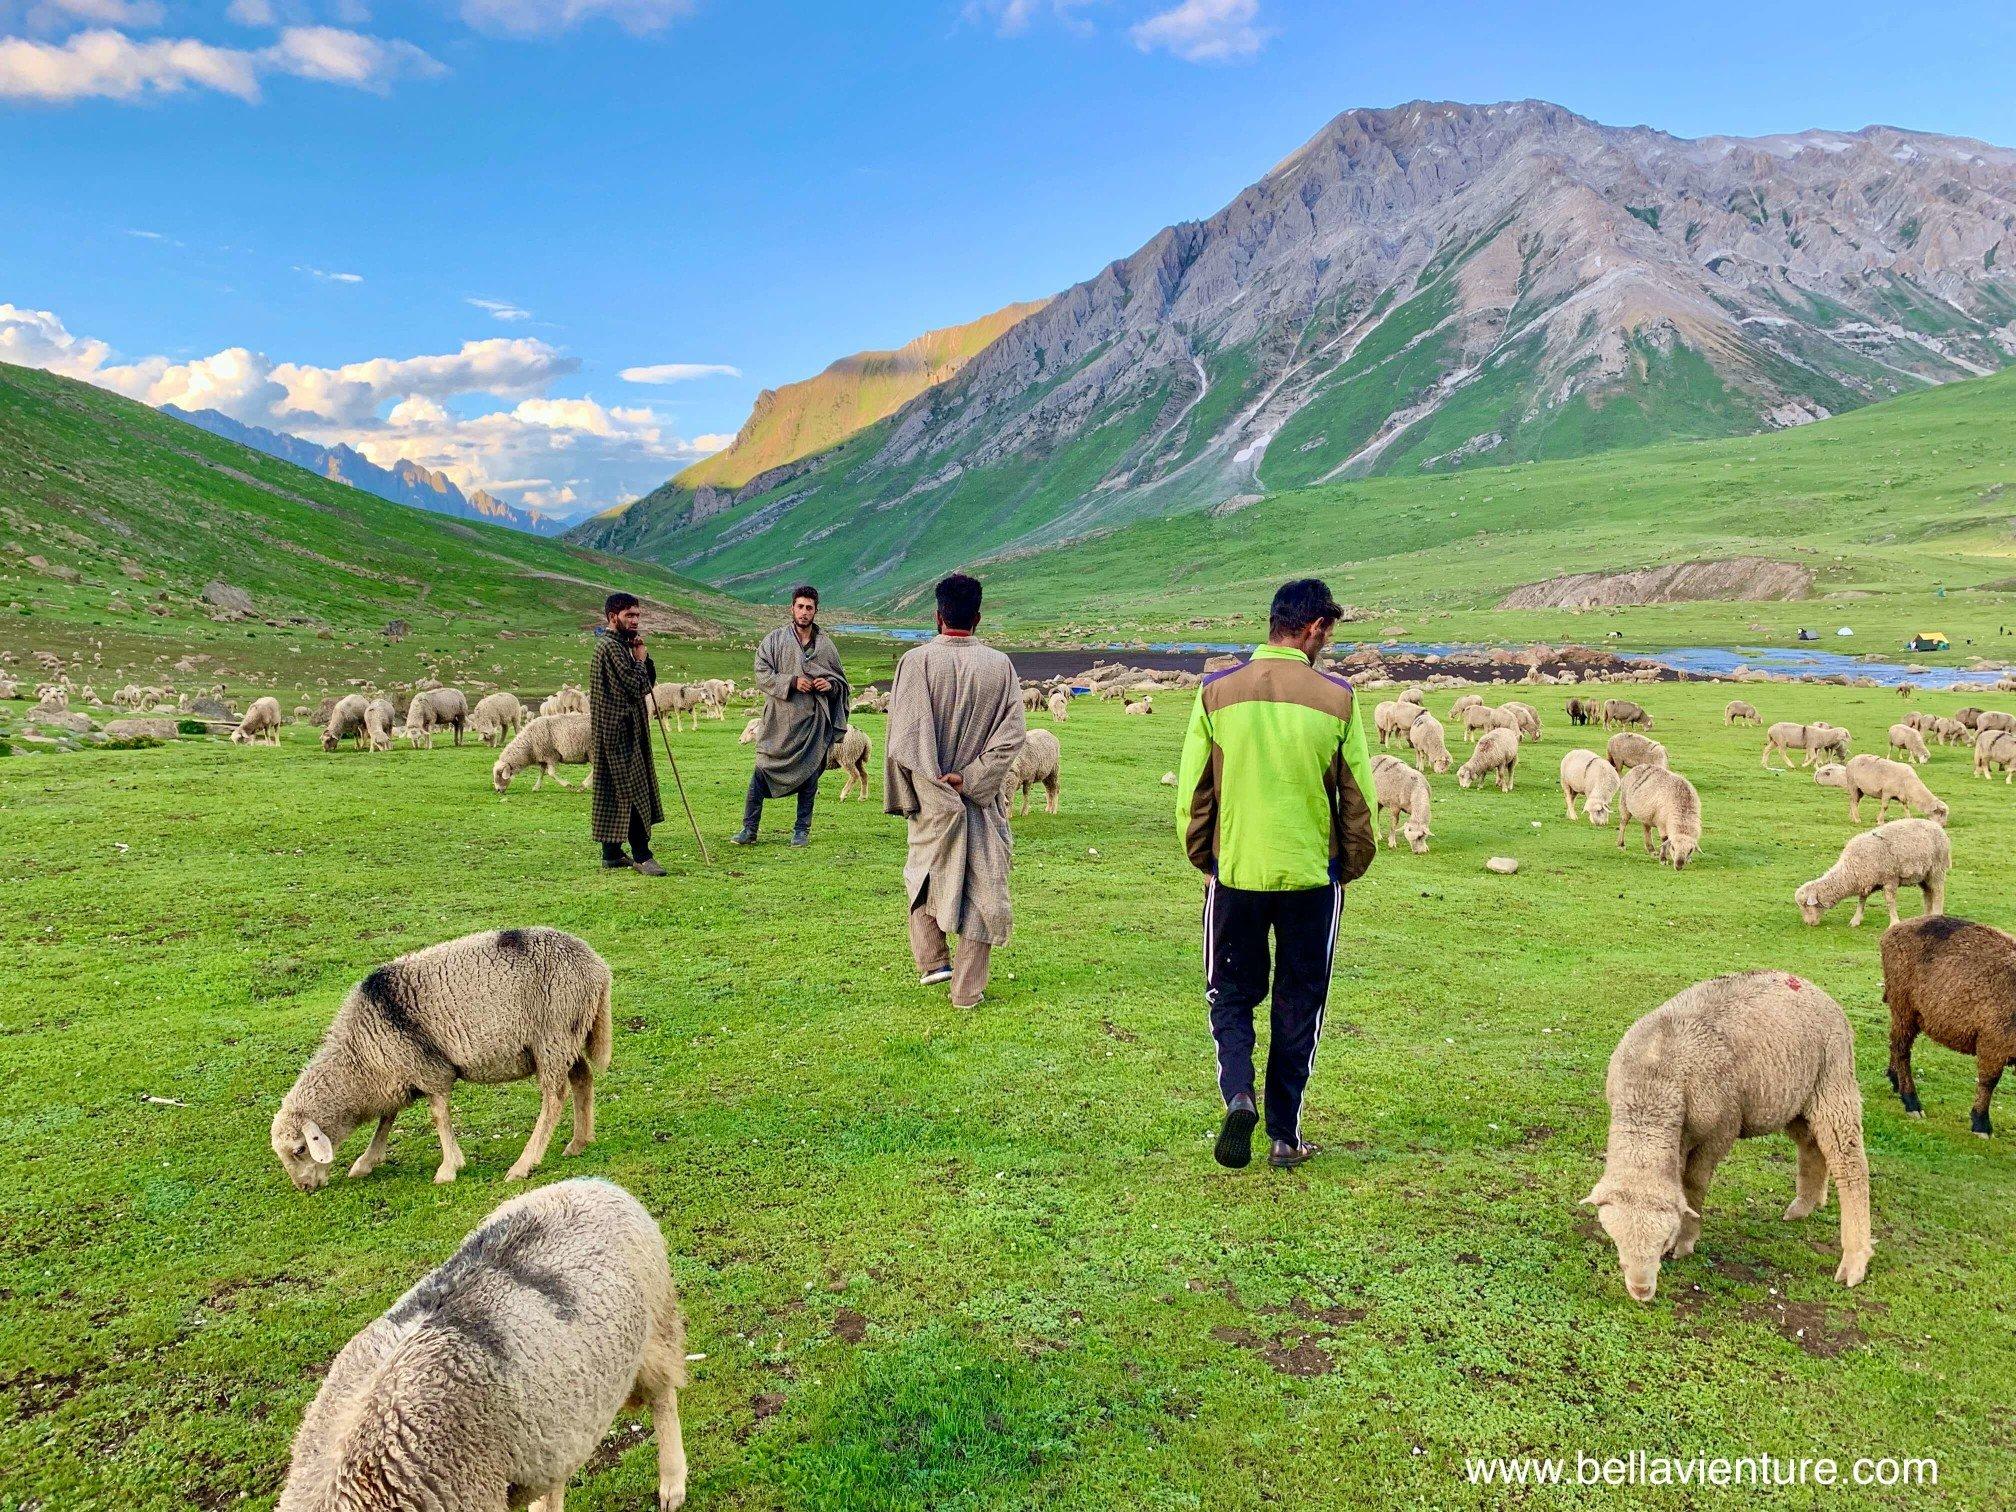 印度 India 北北印 North India 喀什米爾  Kashmir 八天七夜 健行 Nichnai Valley 牧羊人與羊群